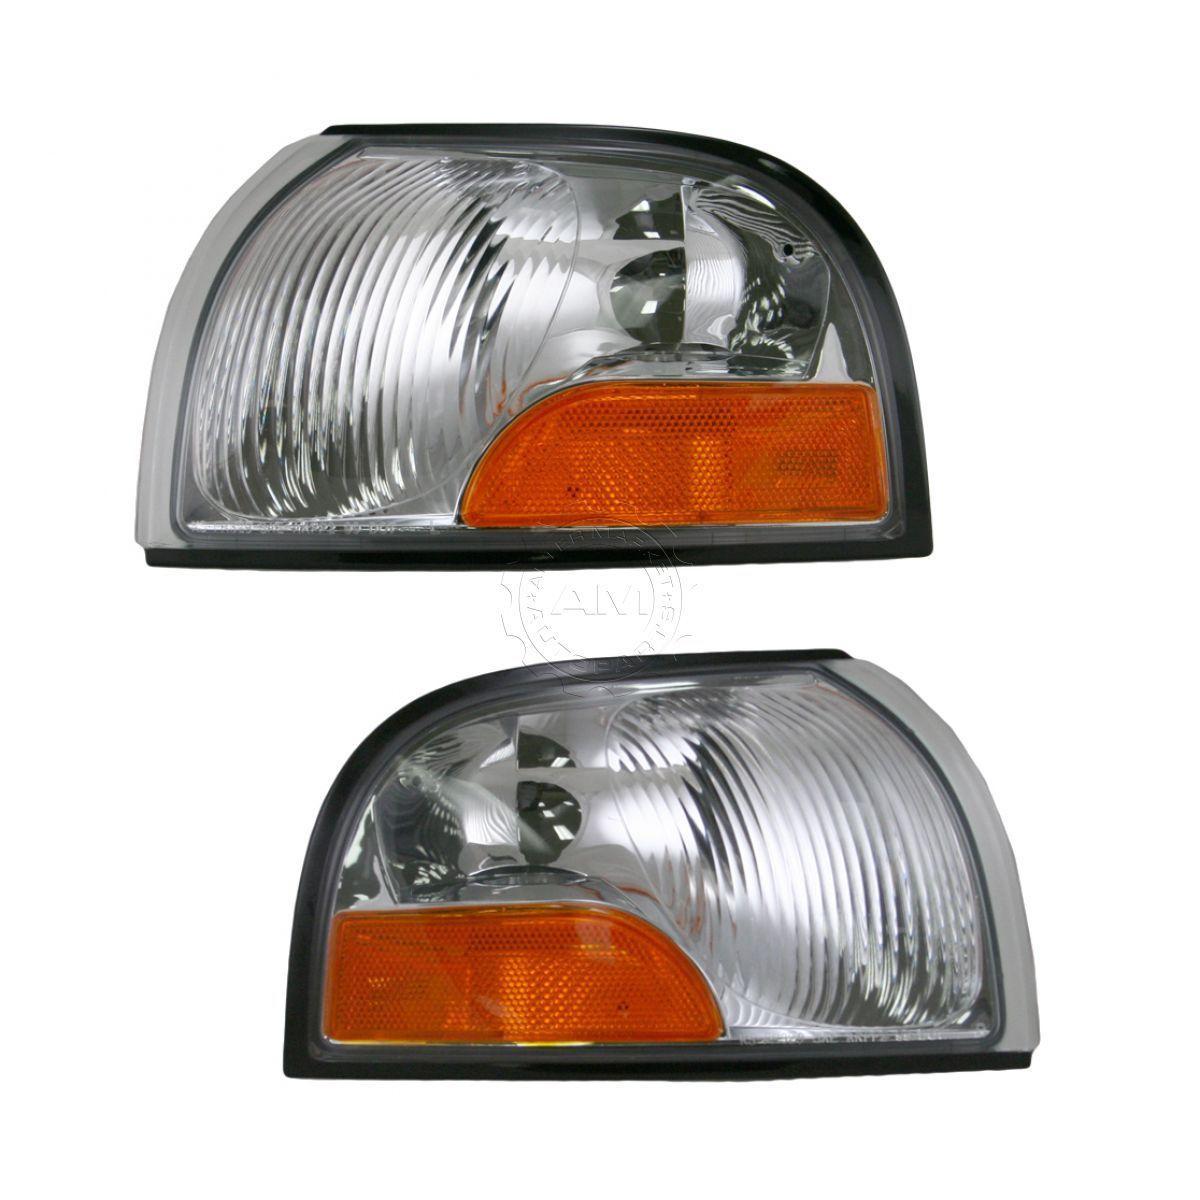 コーナーライト Front Corner Marker Turn Signal Parking Lights Lamps Pair Set for Quest Villager フロントコーナーマーカーターンシグナルパーキングライトランプペアクエストビレッジ